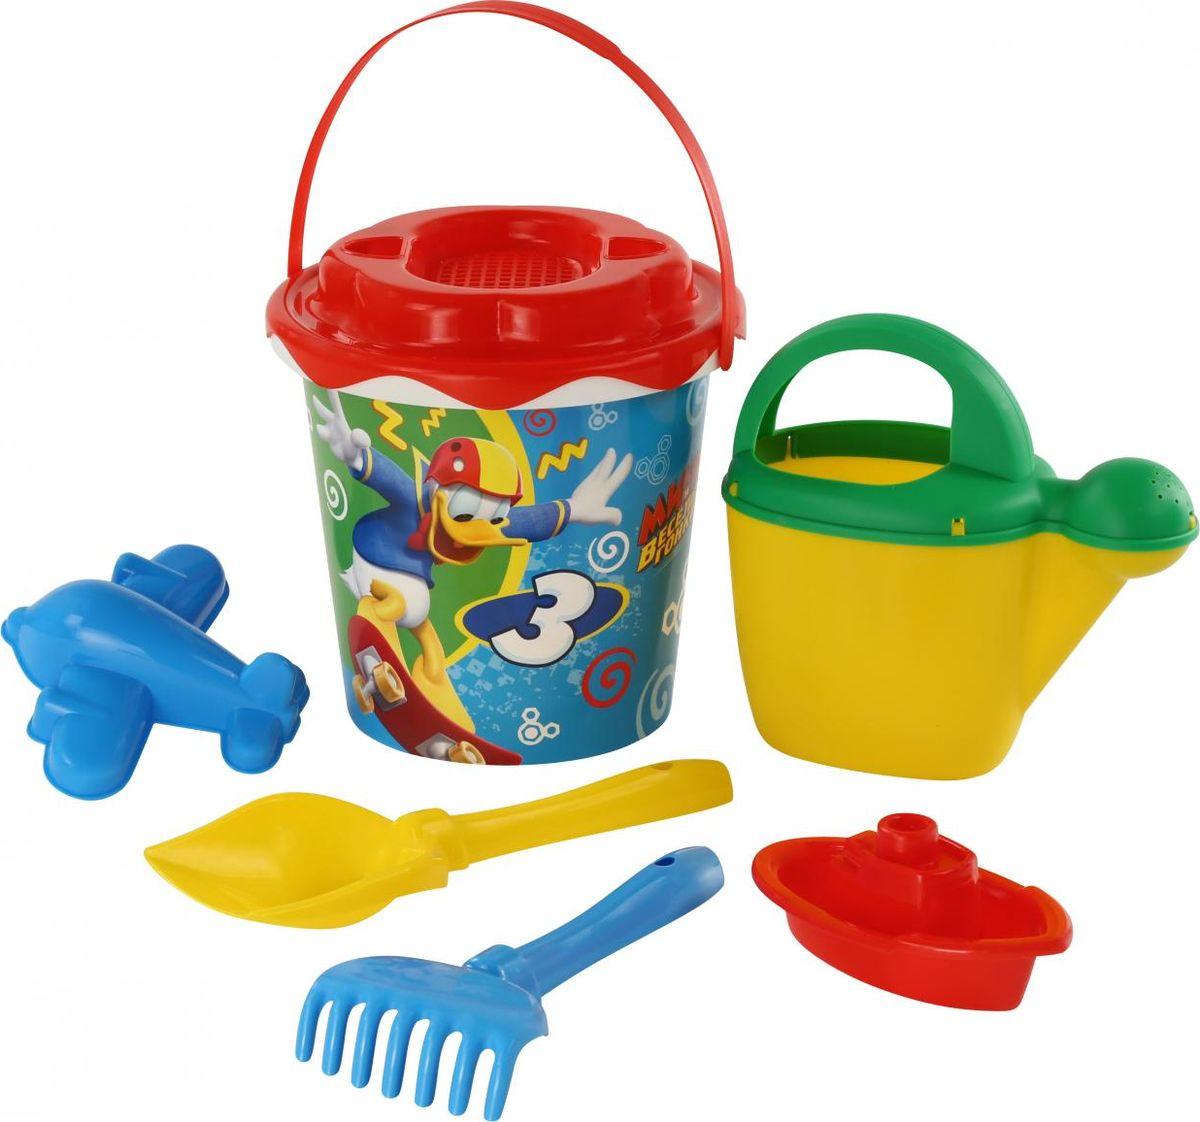 Disney Набор игрушек для песочницы Микки и Веселые гонки №12 ящики для игрушек disney короб для игрушек микки и его друзья